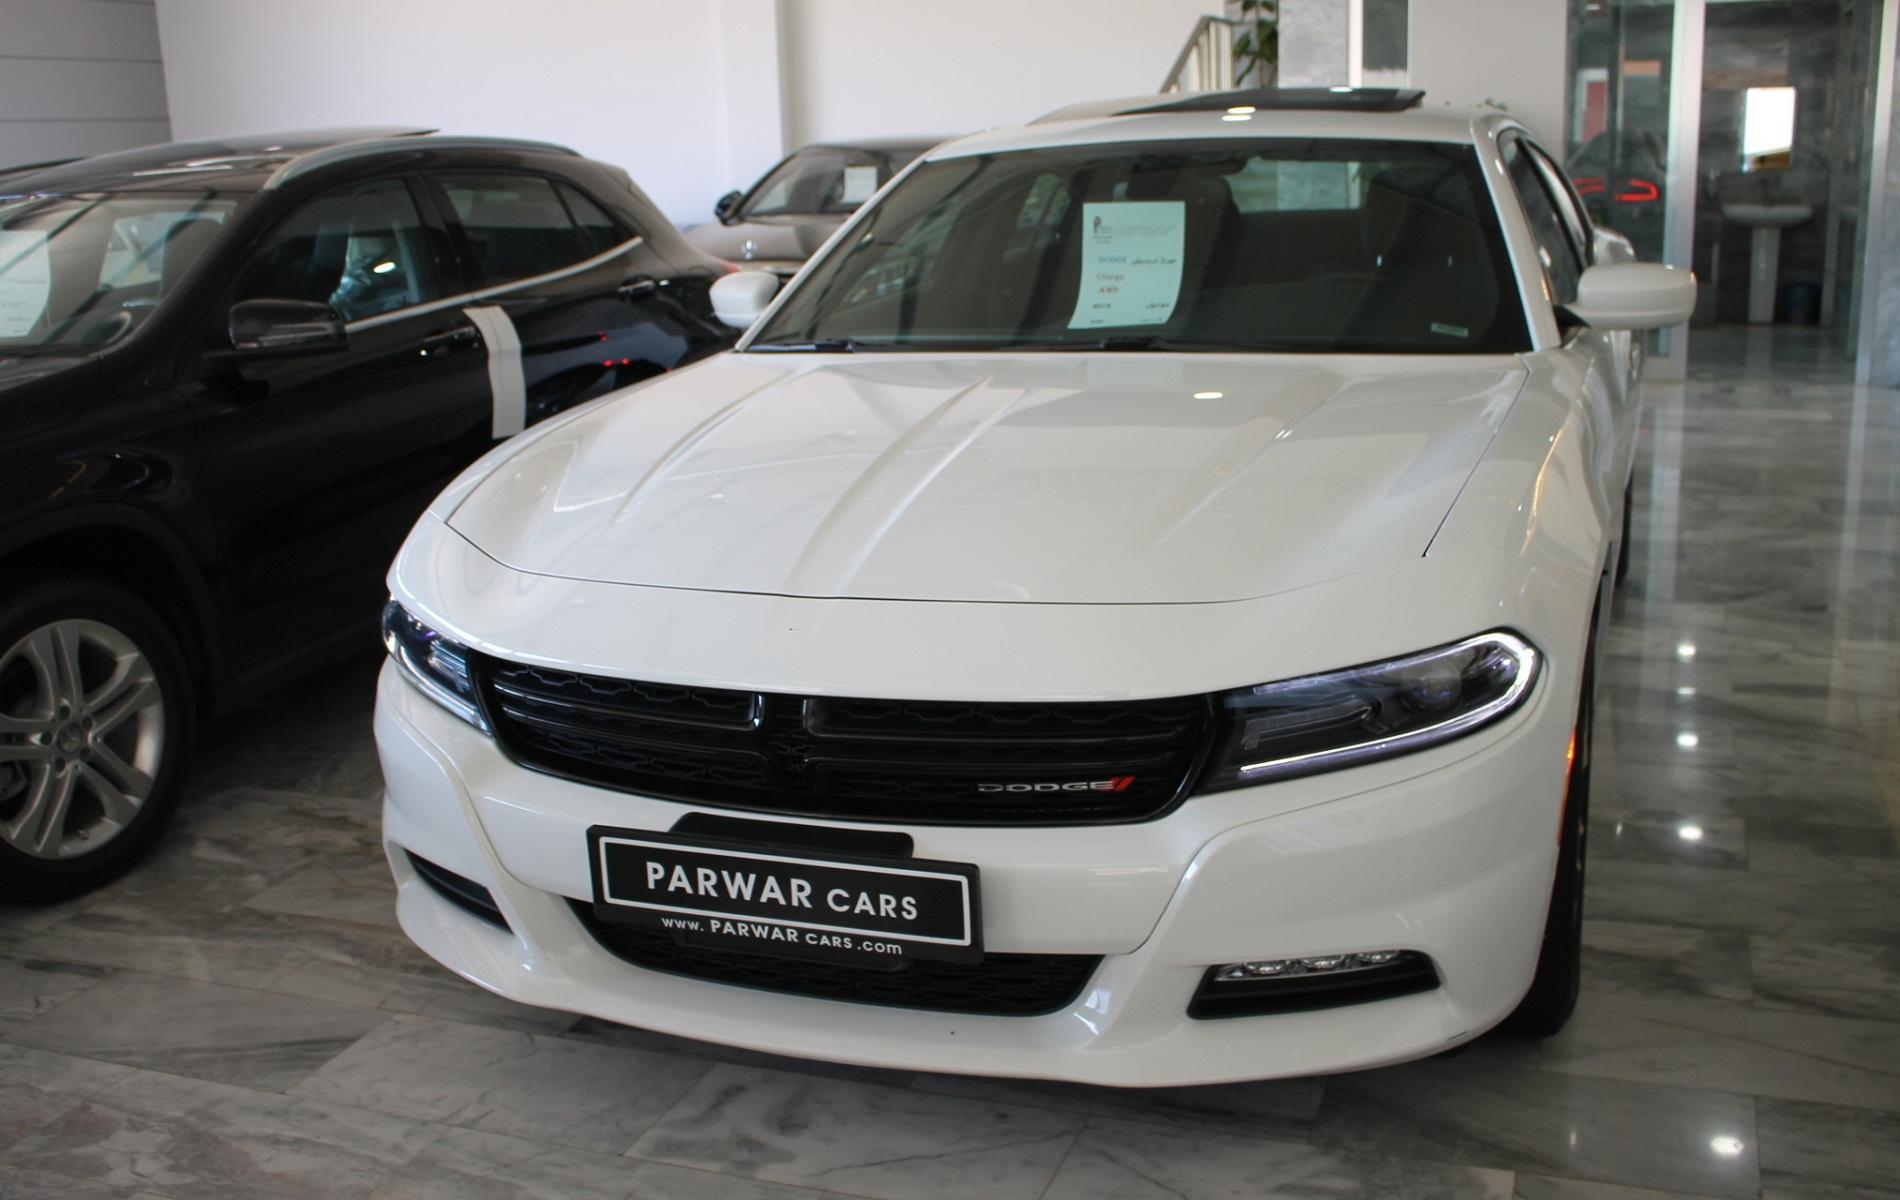 Parwar Car Home page